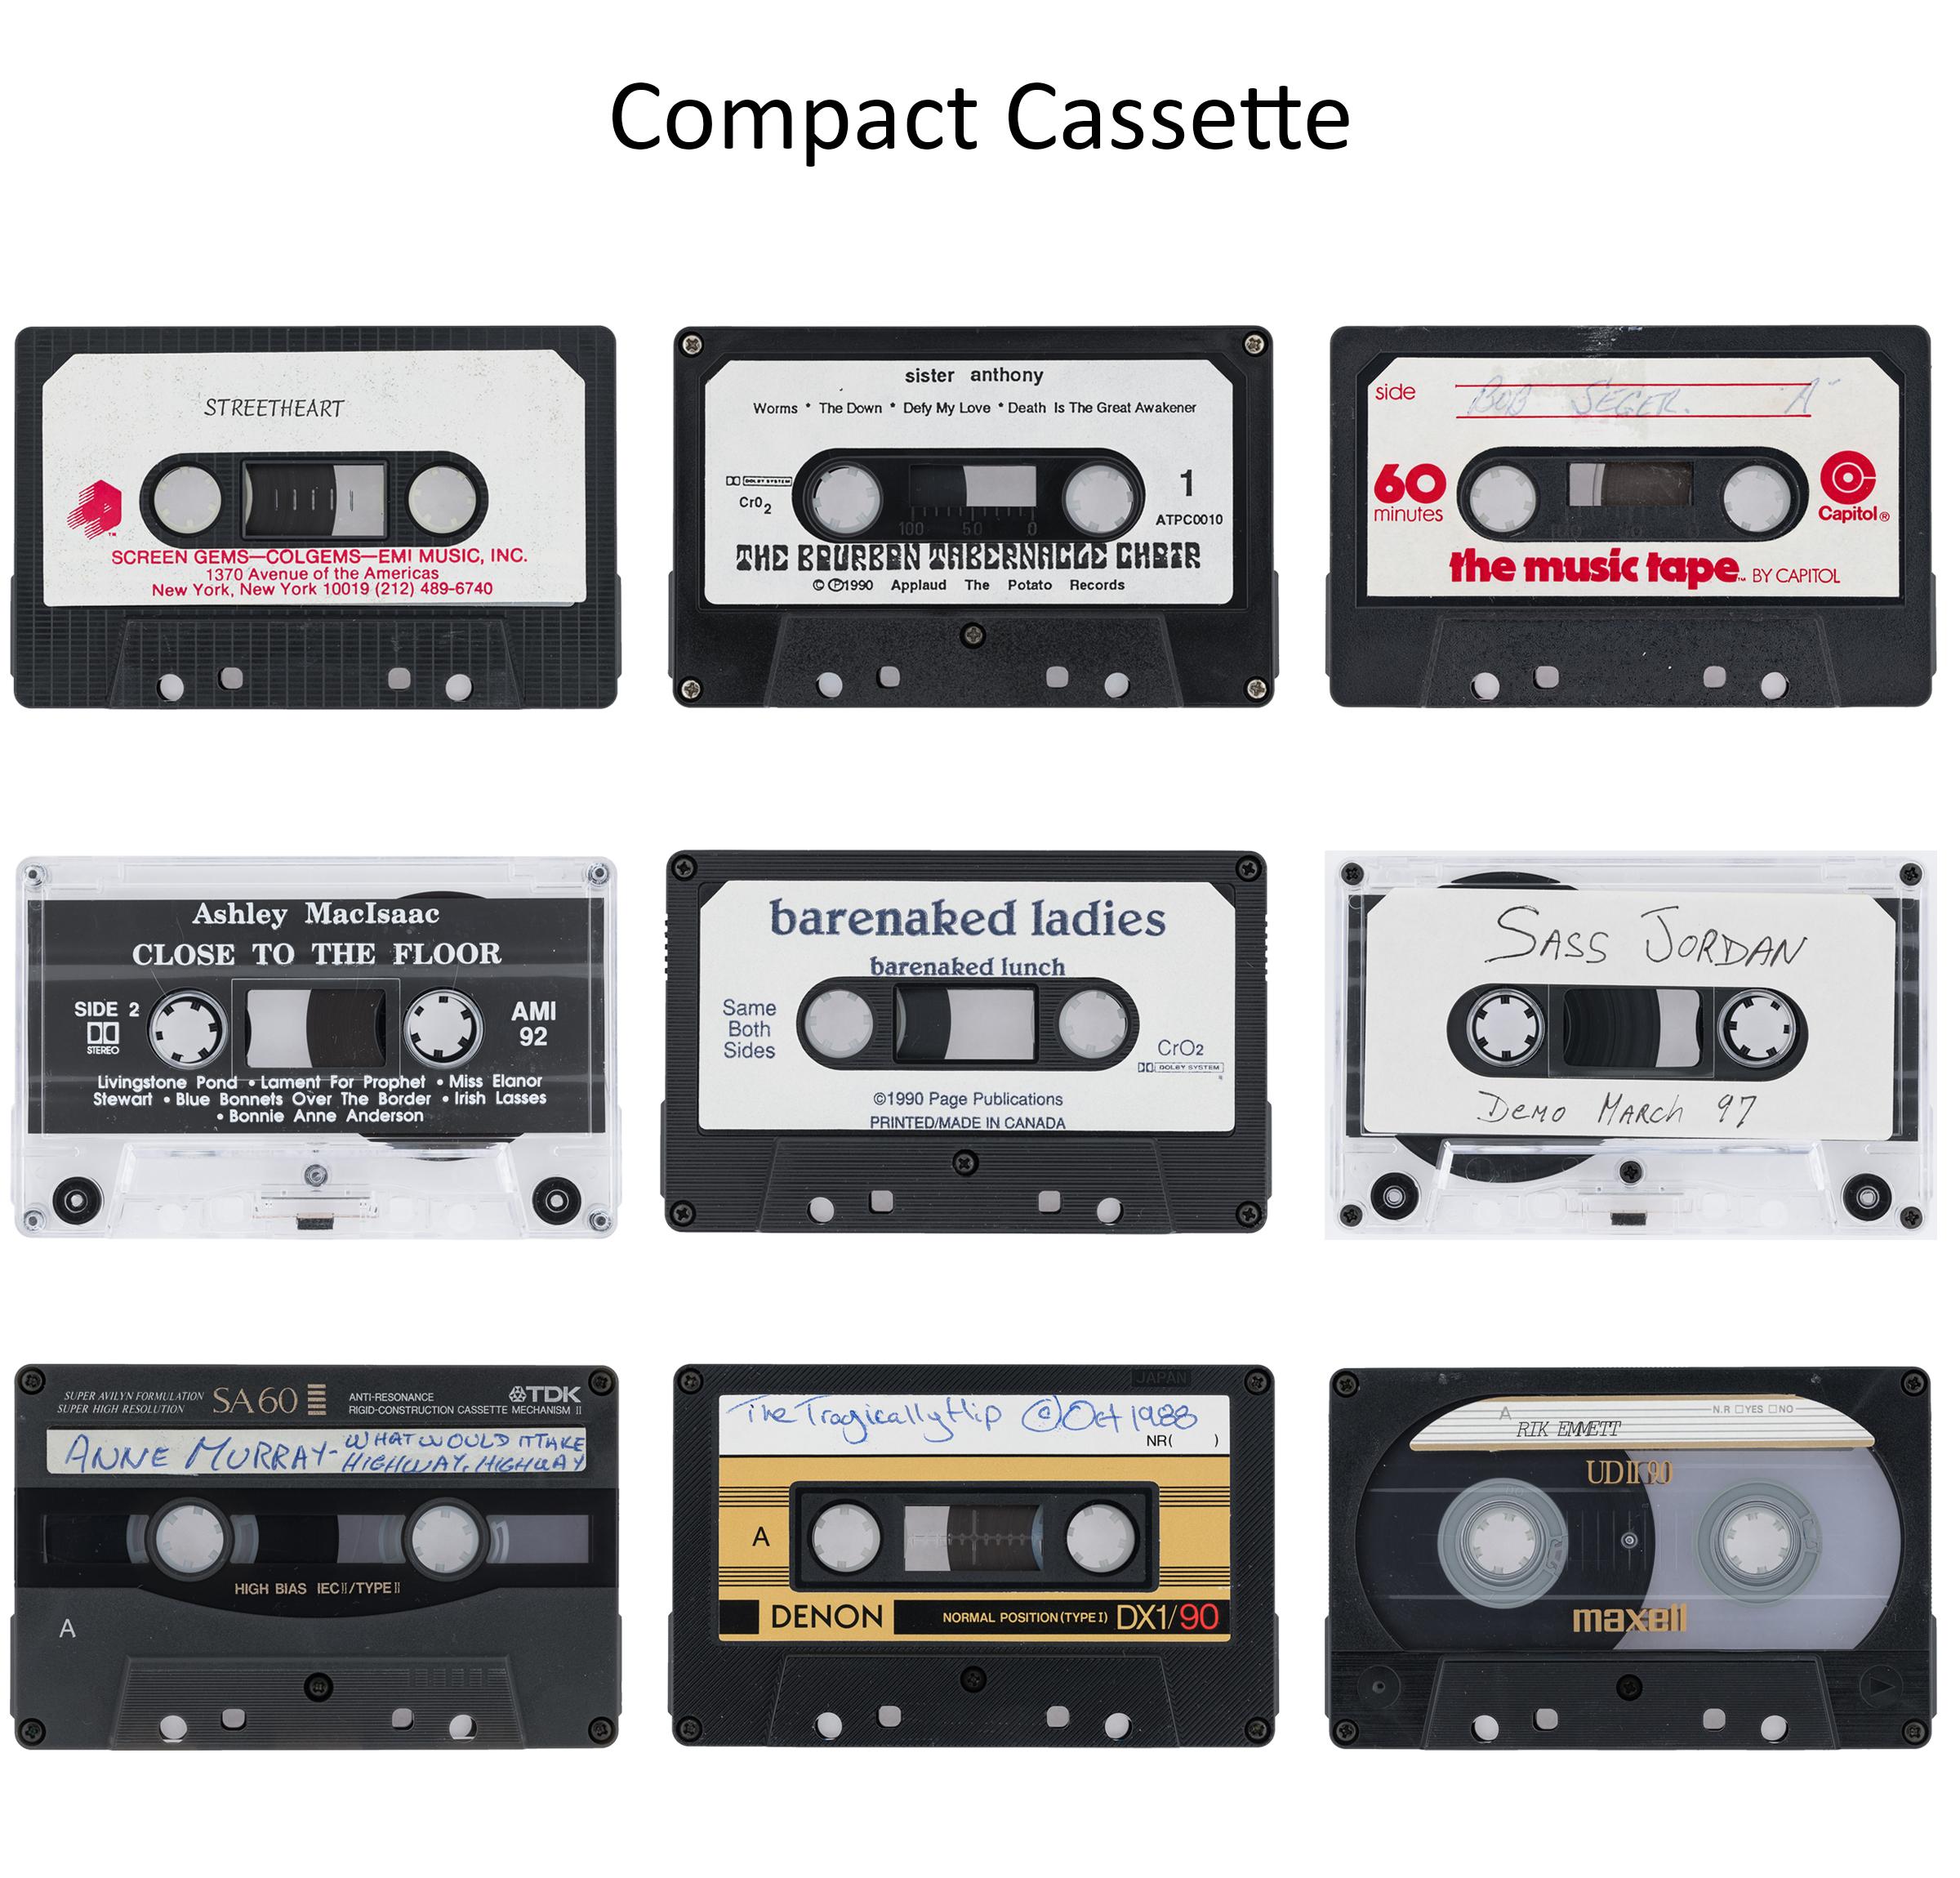 CompactCassette